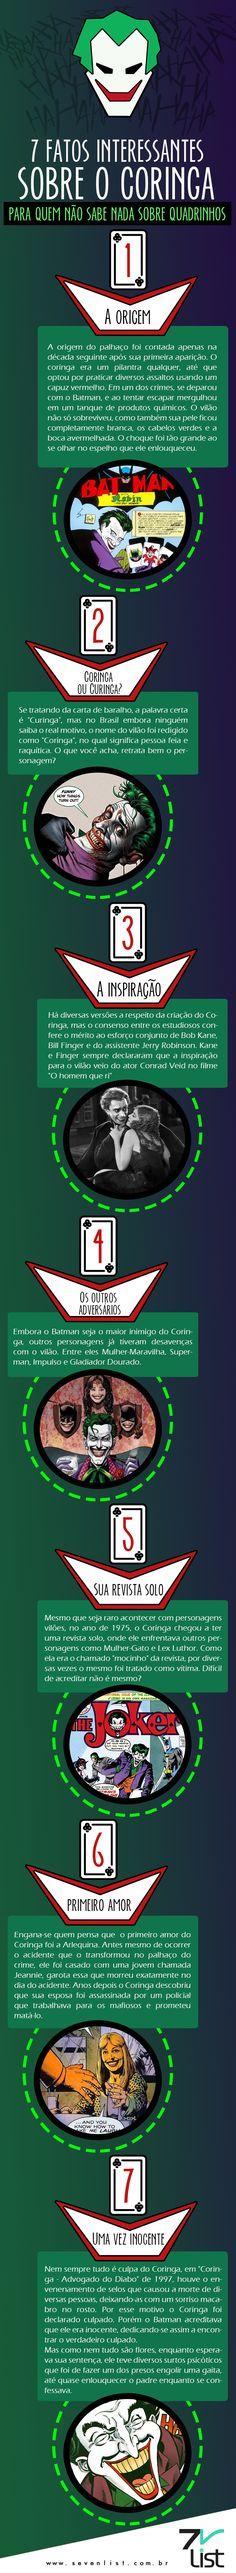 #Infográfico #Art #Design #DC #Comics #DCComics #Coringa #Joker #HD #Quadrinhos #Fatos #Entretenimento #Film #Cinema